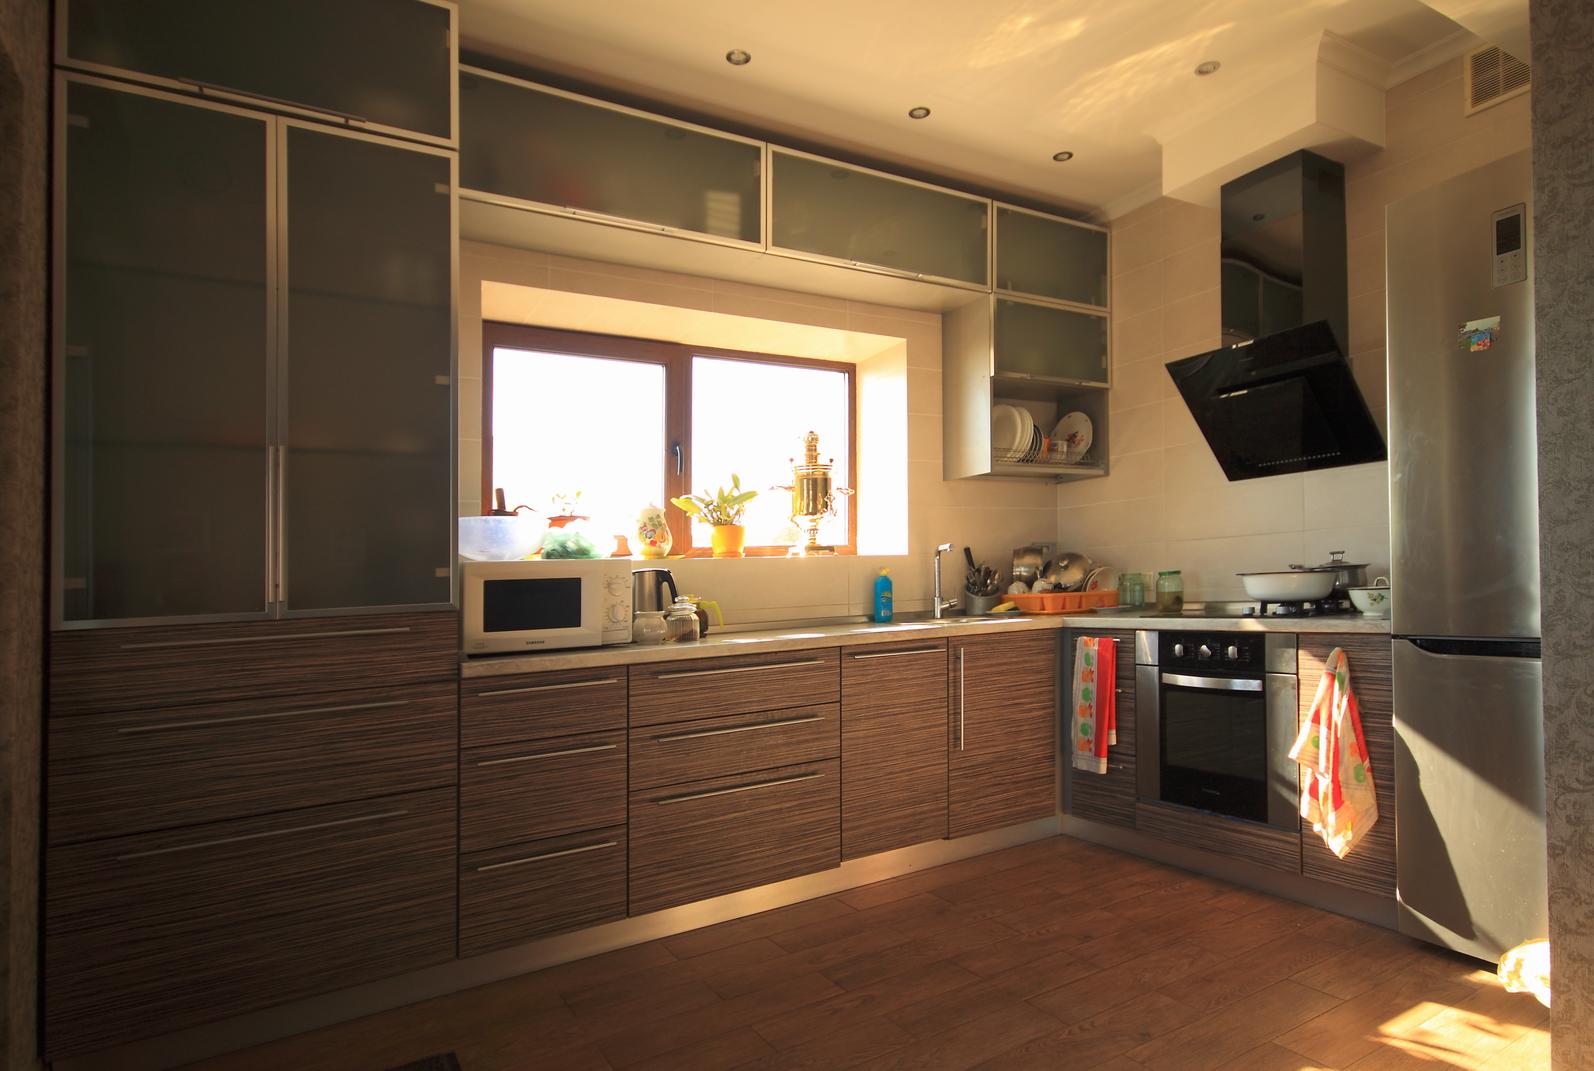 Реализация проекта Ворскла - Проект дома на склоне, кухня